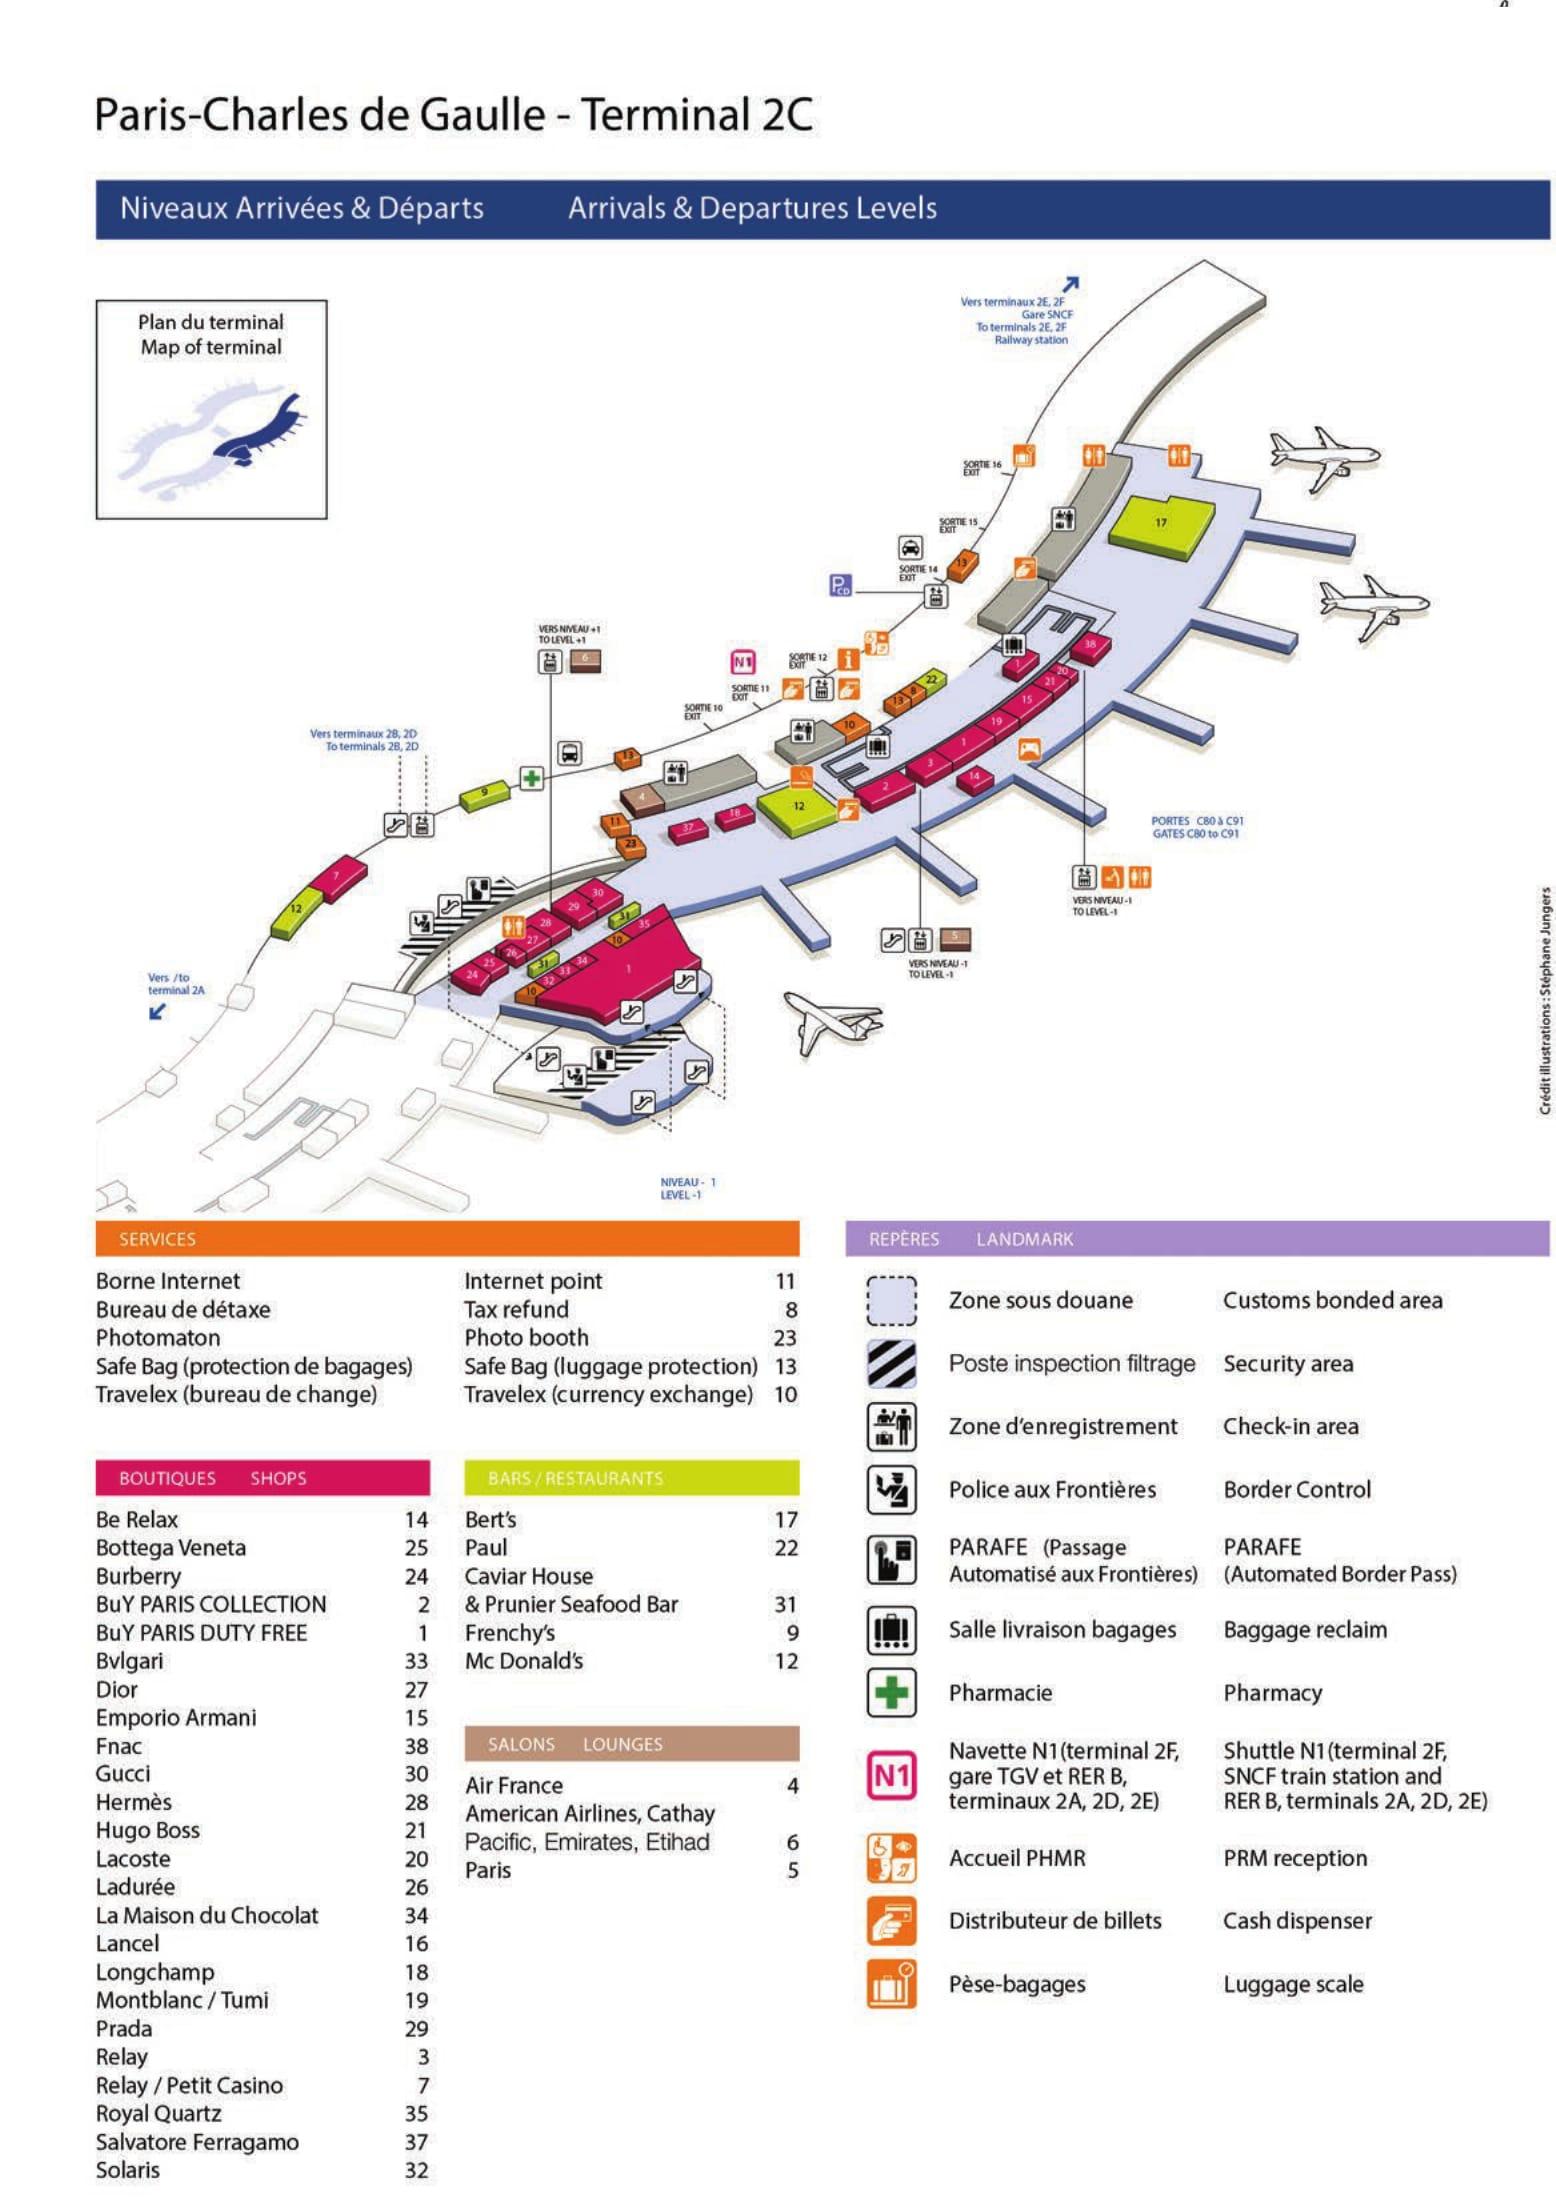 Mapa de la Terminal 2C del aeropuerto de Paris Charles de Gaulle